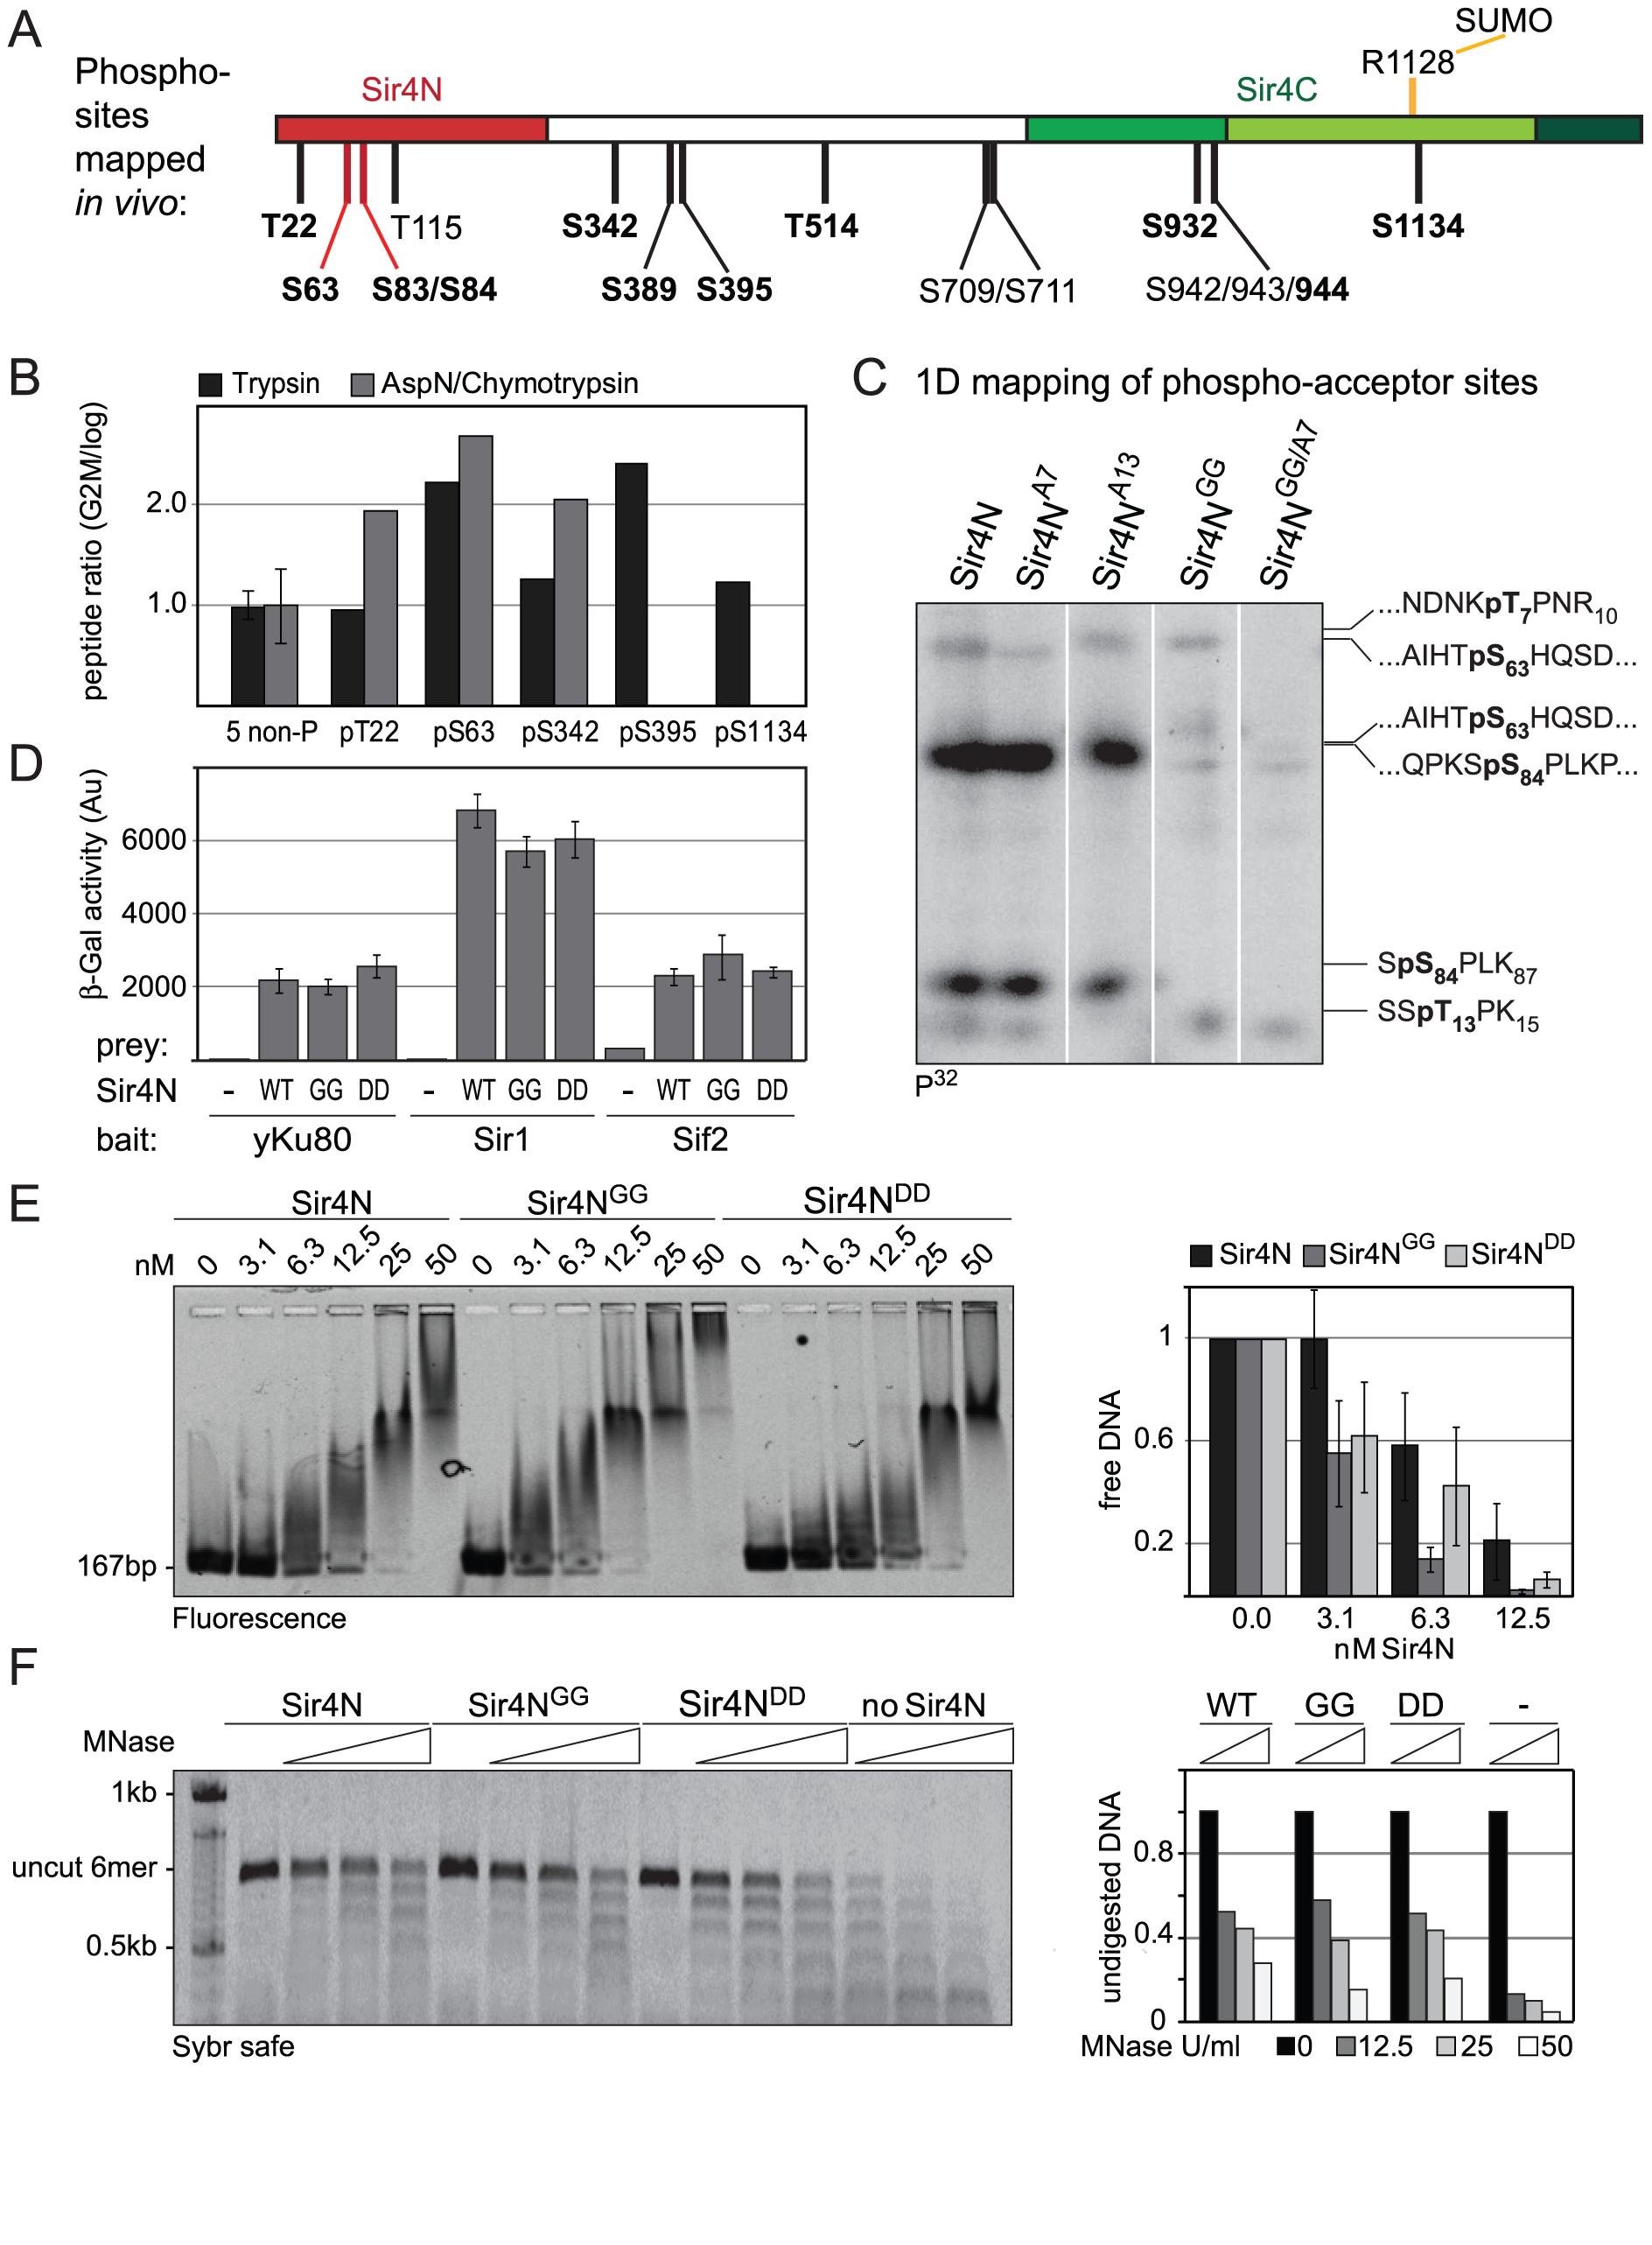 Sir4N is the major site of phosphorylation.